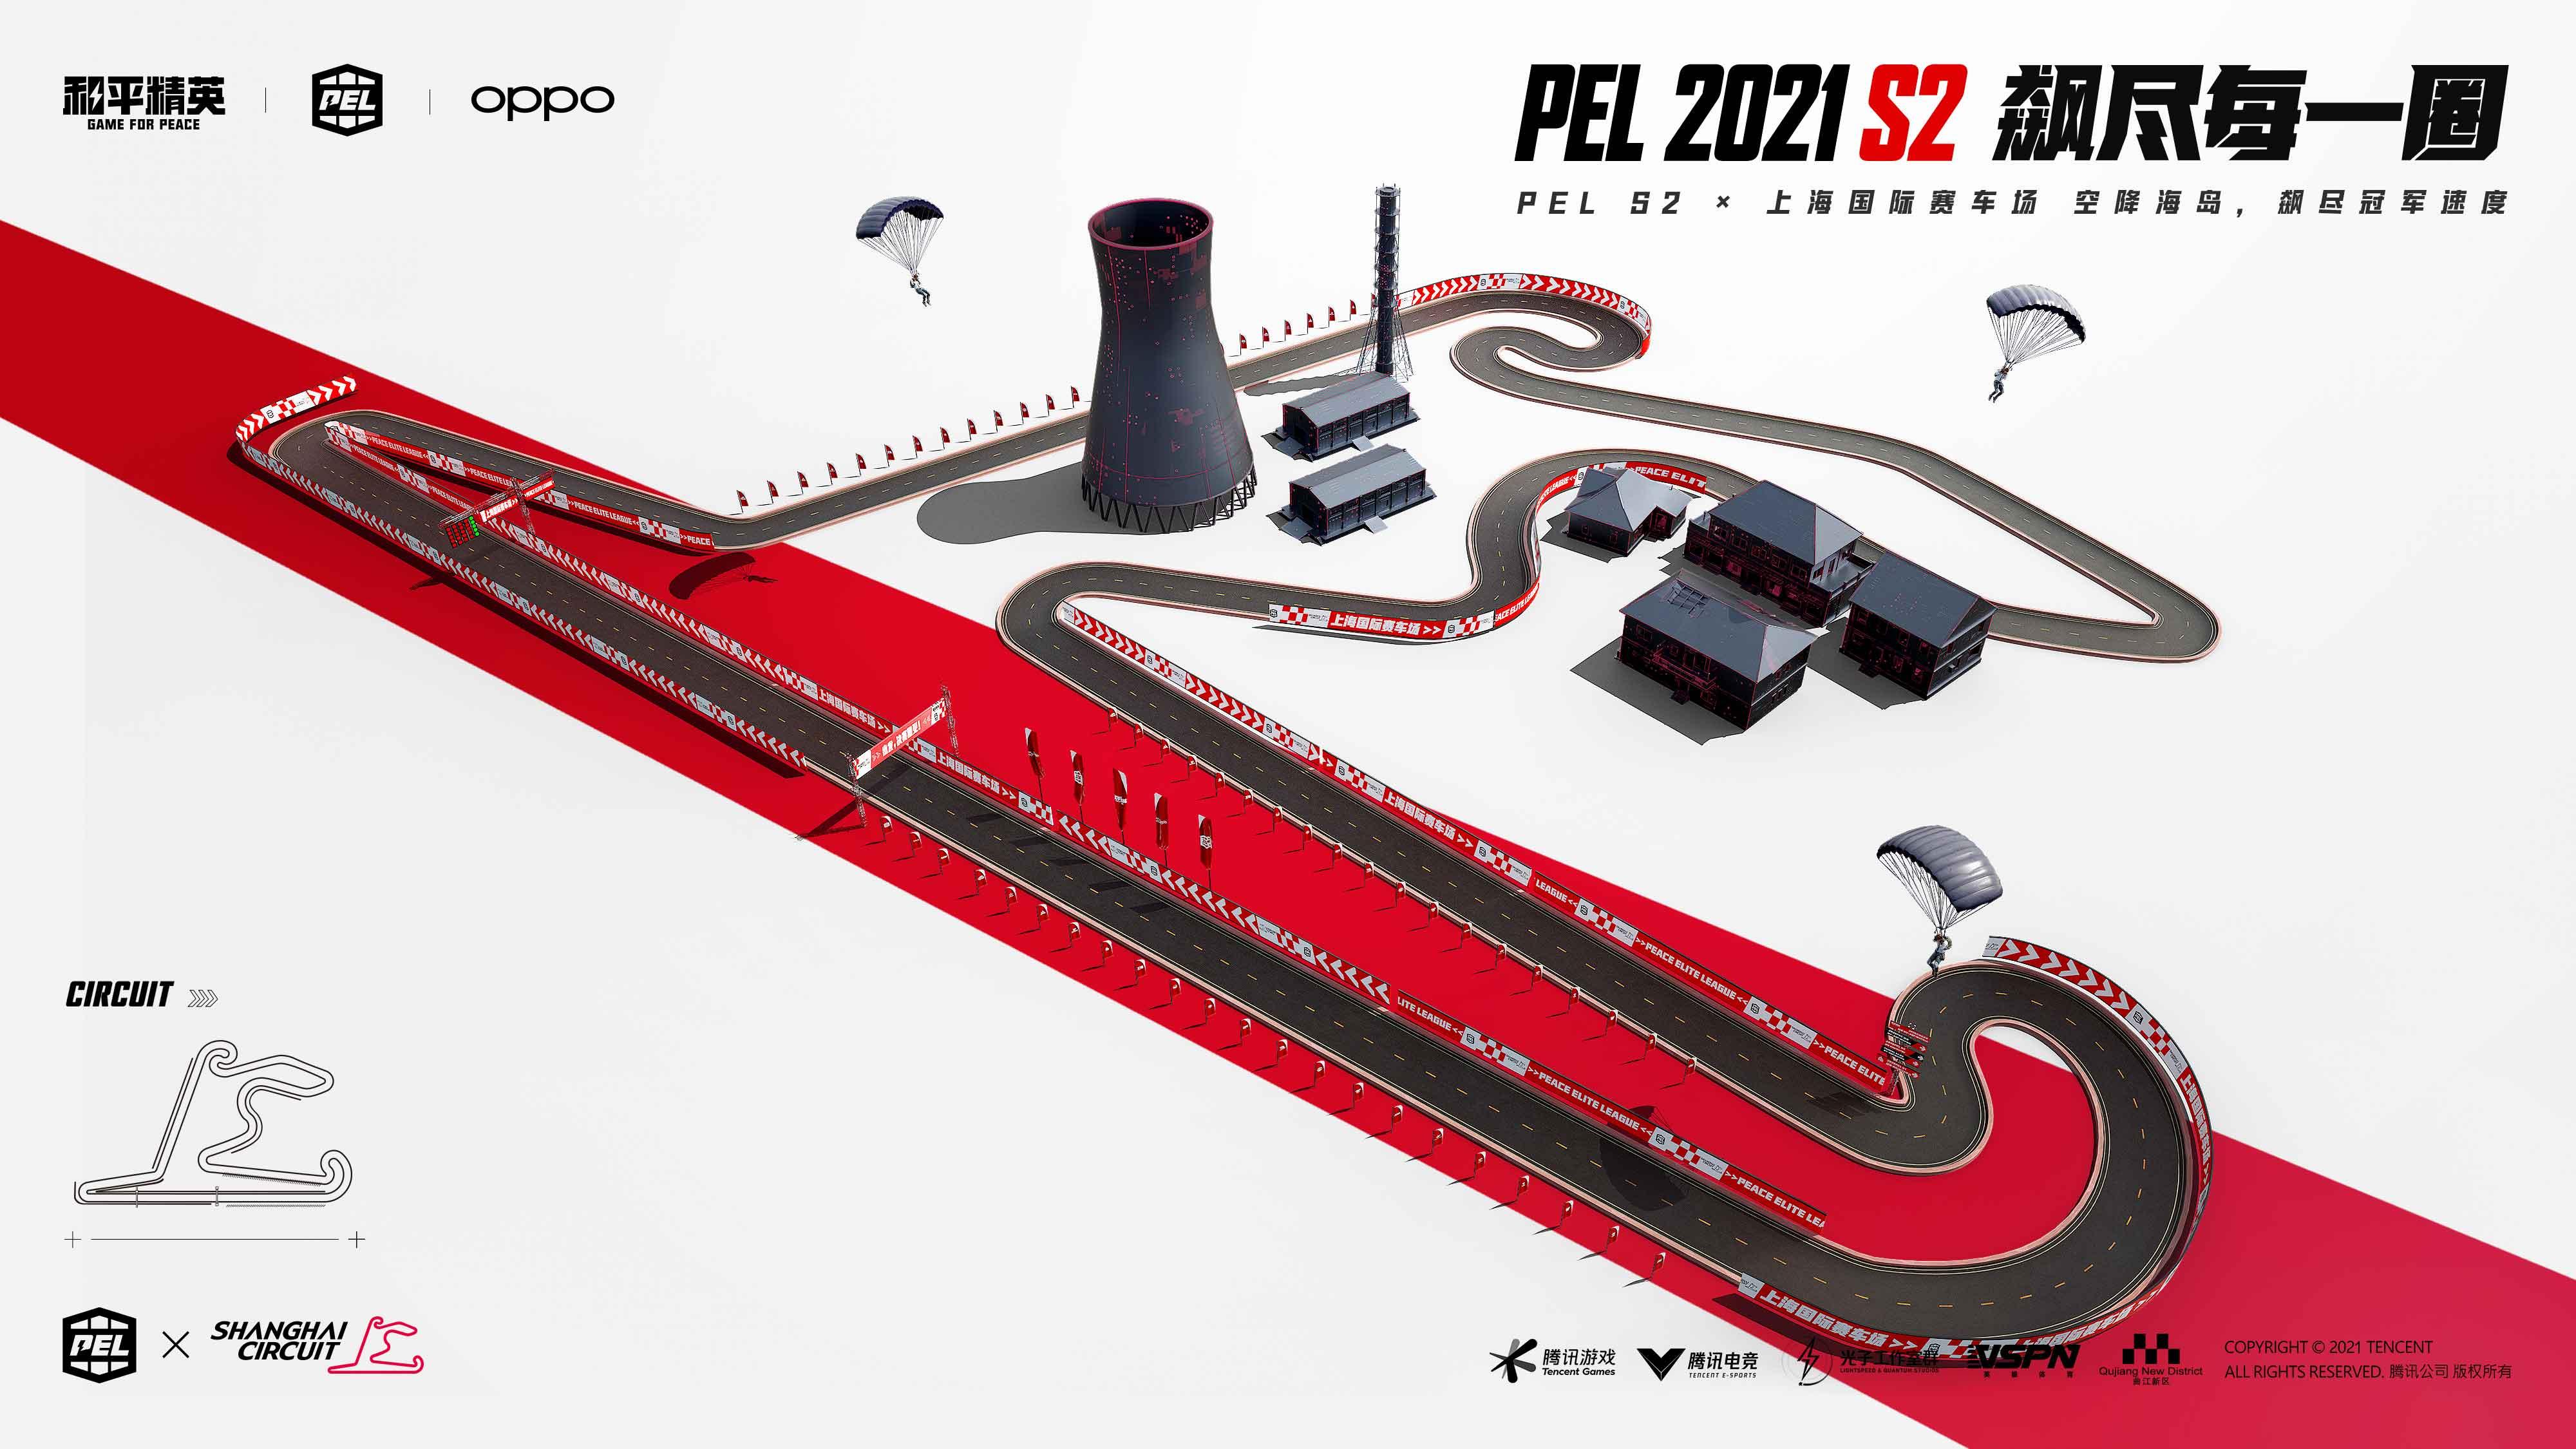 PEL和平精英职业联赛与久体中心运营嘚上海国际赛车场开启合作。